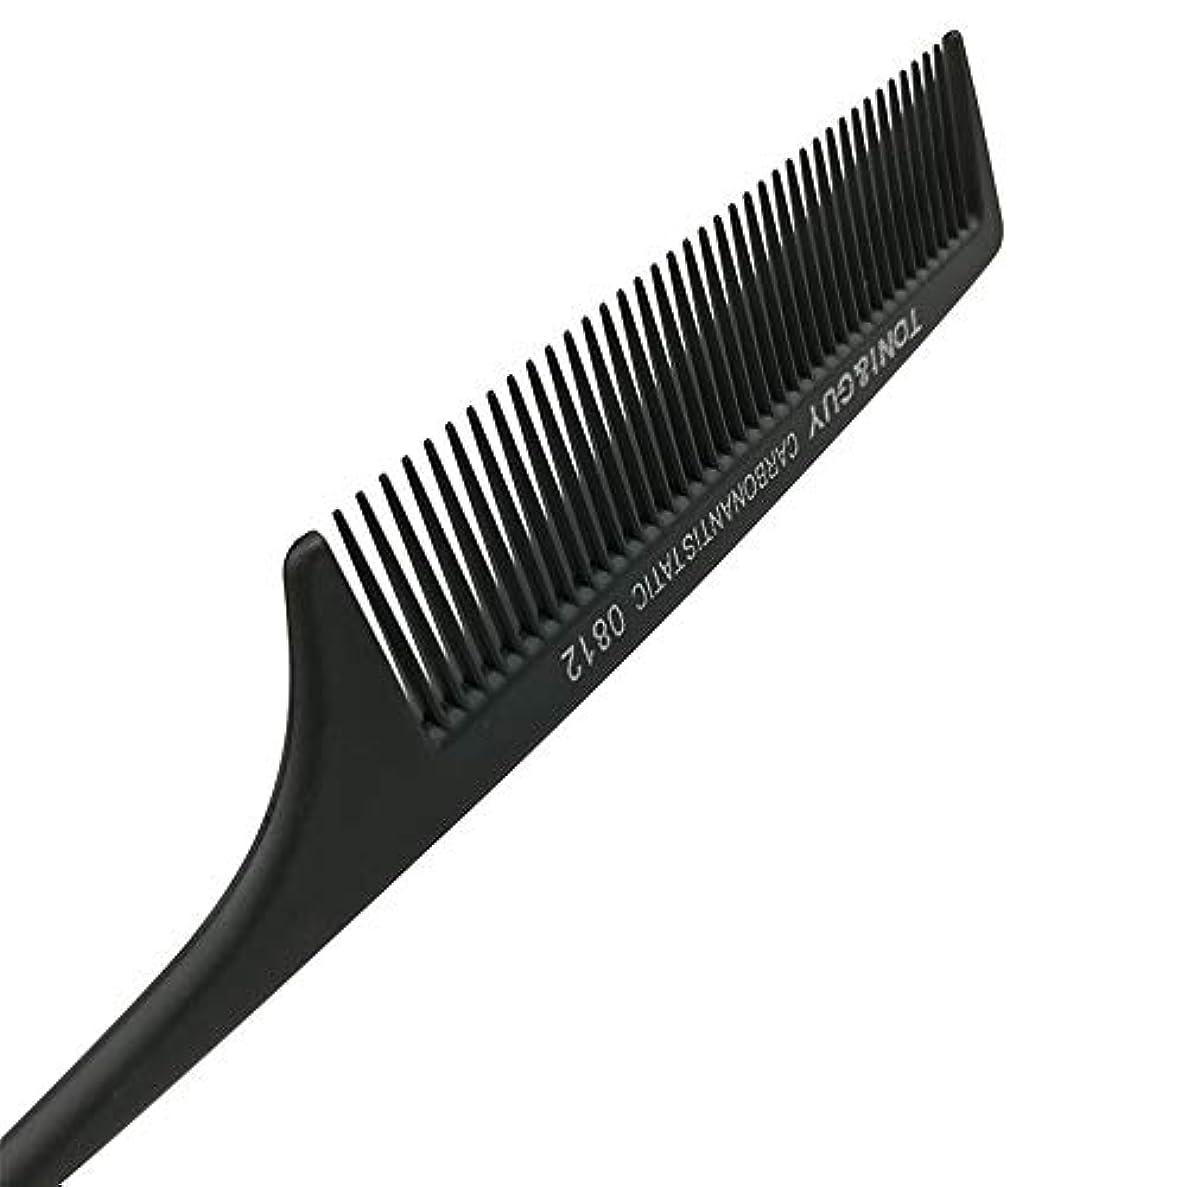 番号禁止する生き返らせるくし帯電防止耐熱美容師特別尖った尾くし黒ニードルテール モデリングツール (色 : 黒)